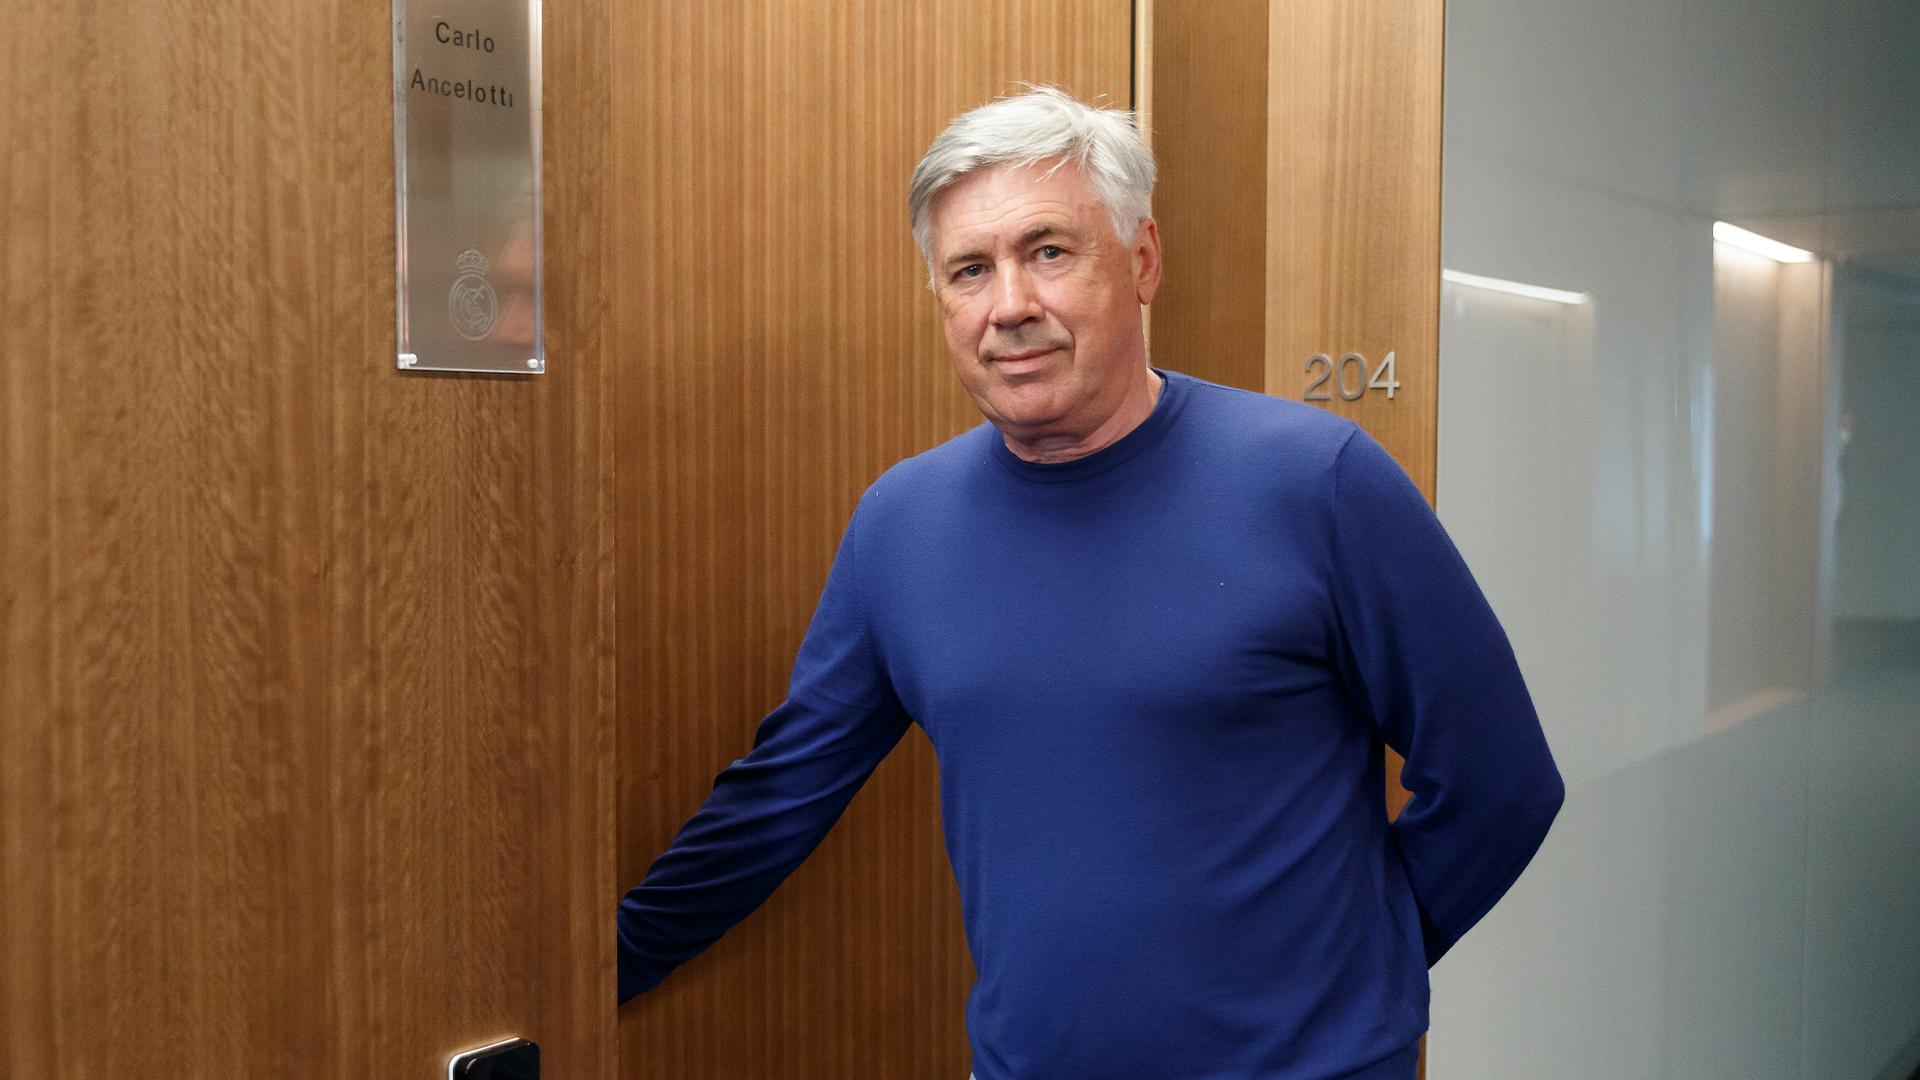 Carlo Ancelotti, en Valdebebas.